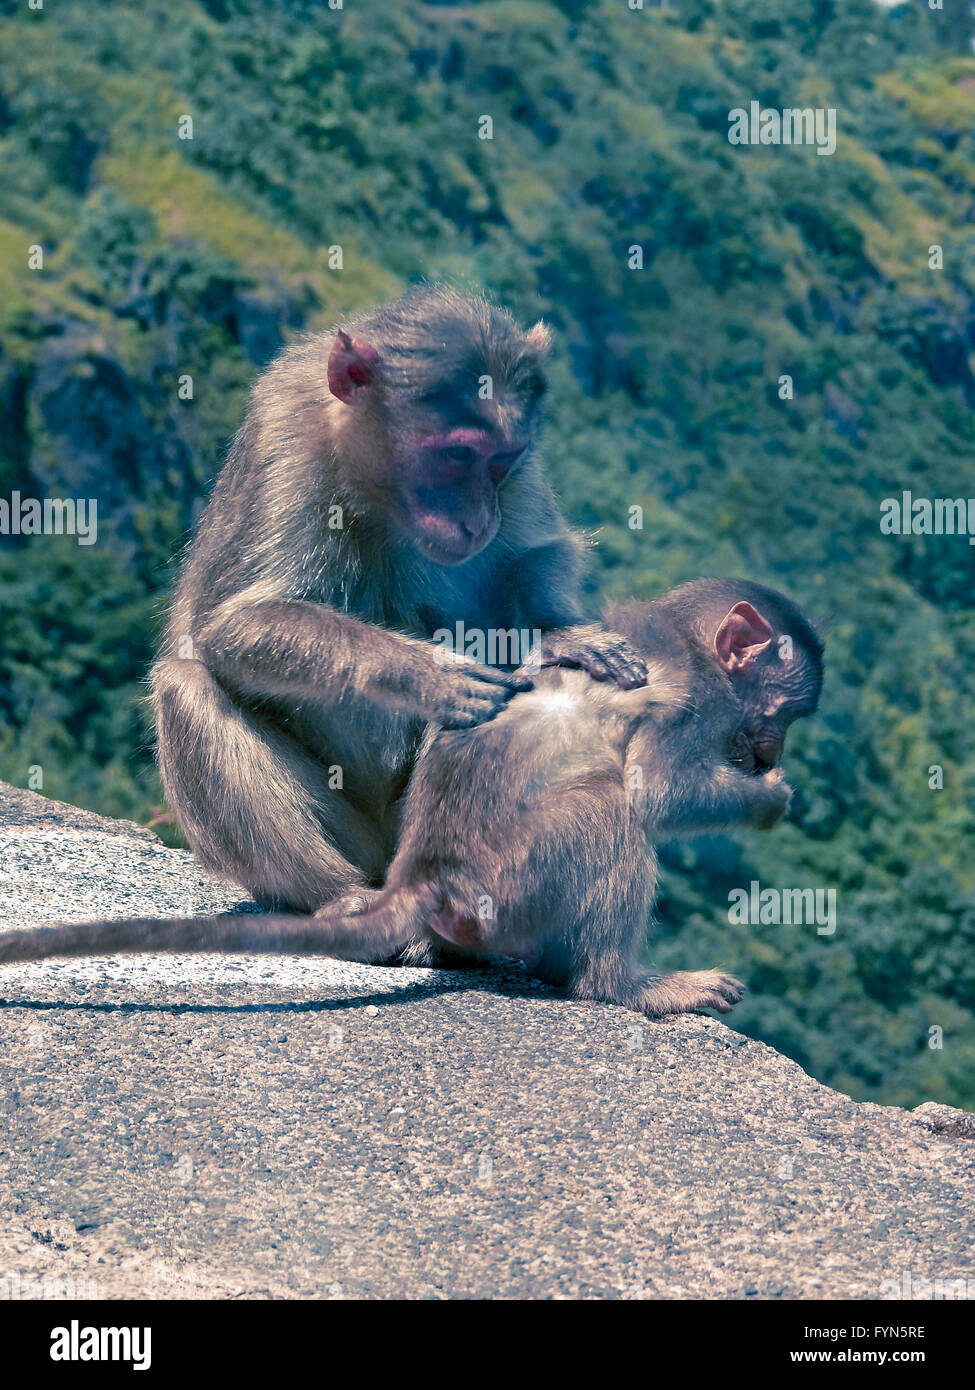 Bonnet monkeys - Stock Image